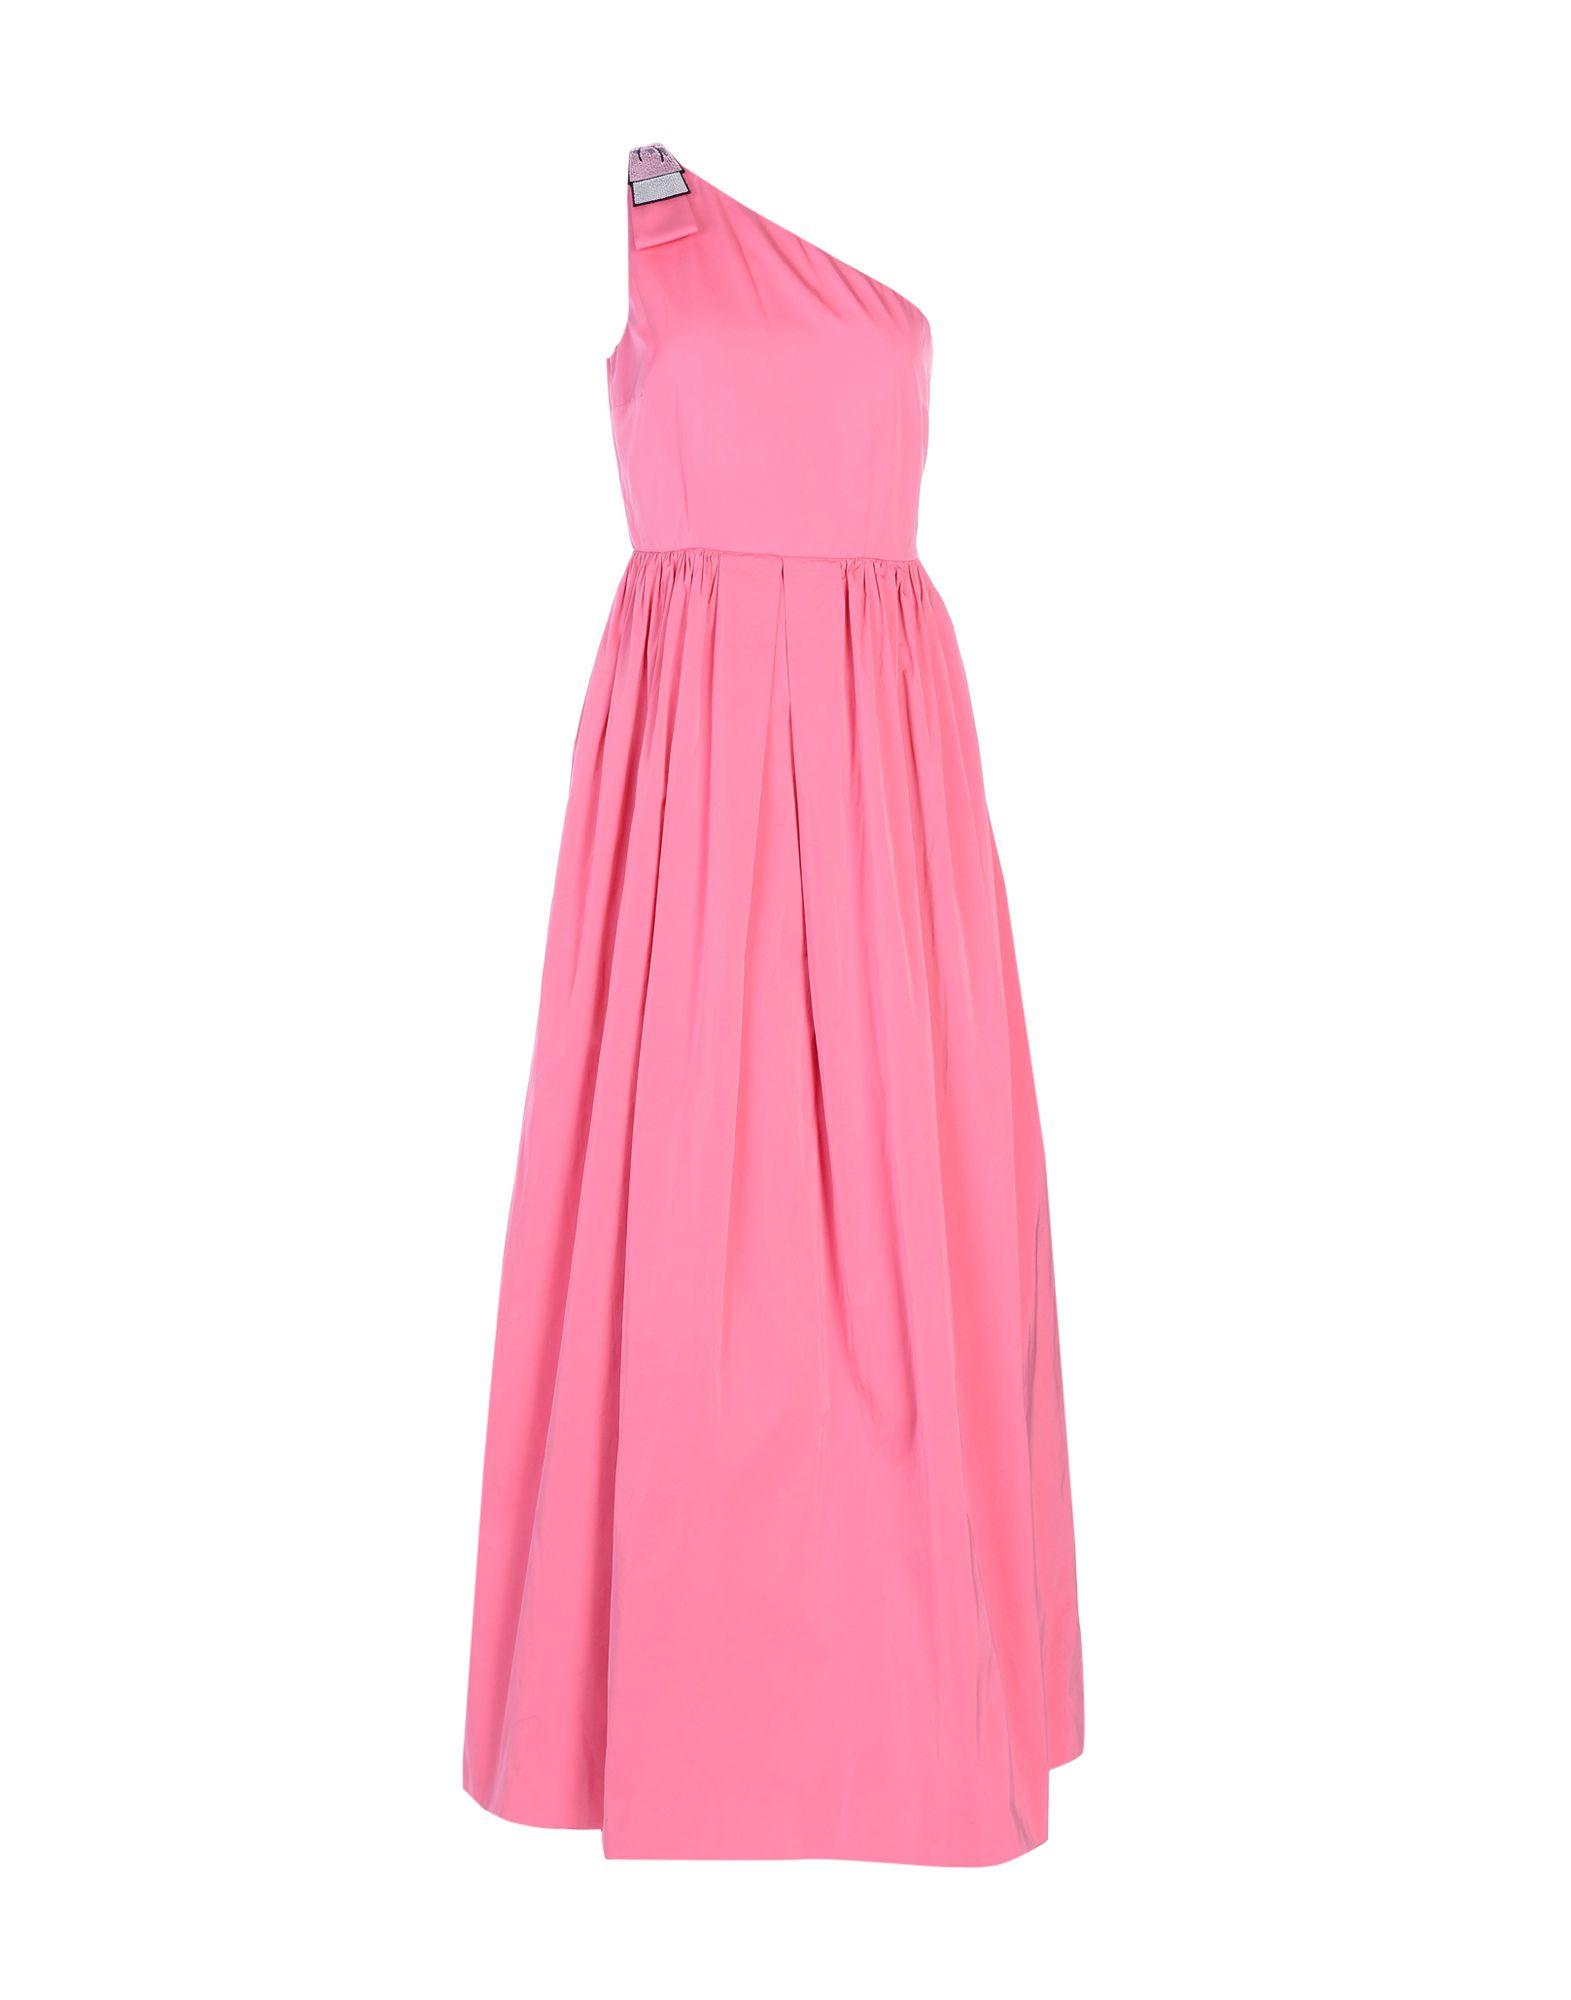 PINKO Длинное платье 923 зима полный дрель бархат вечернее платье длинное плечо банкет тост одежды тонкий тонкий хост